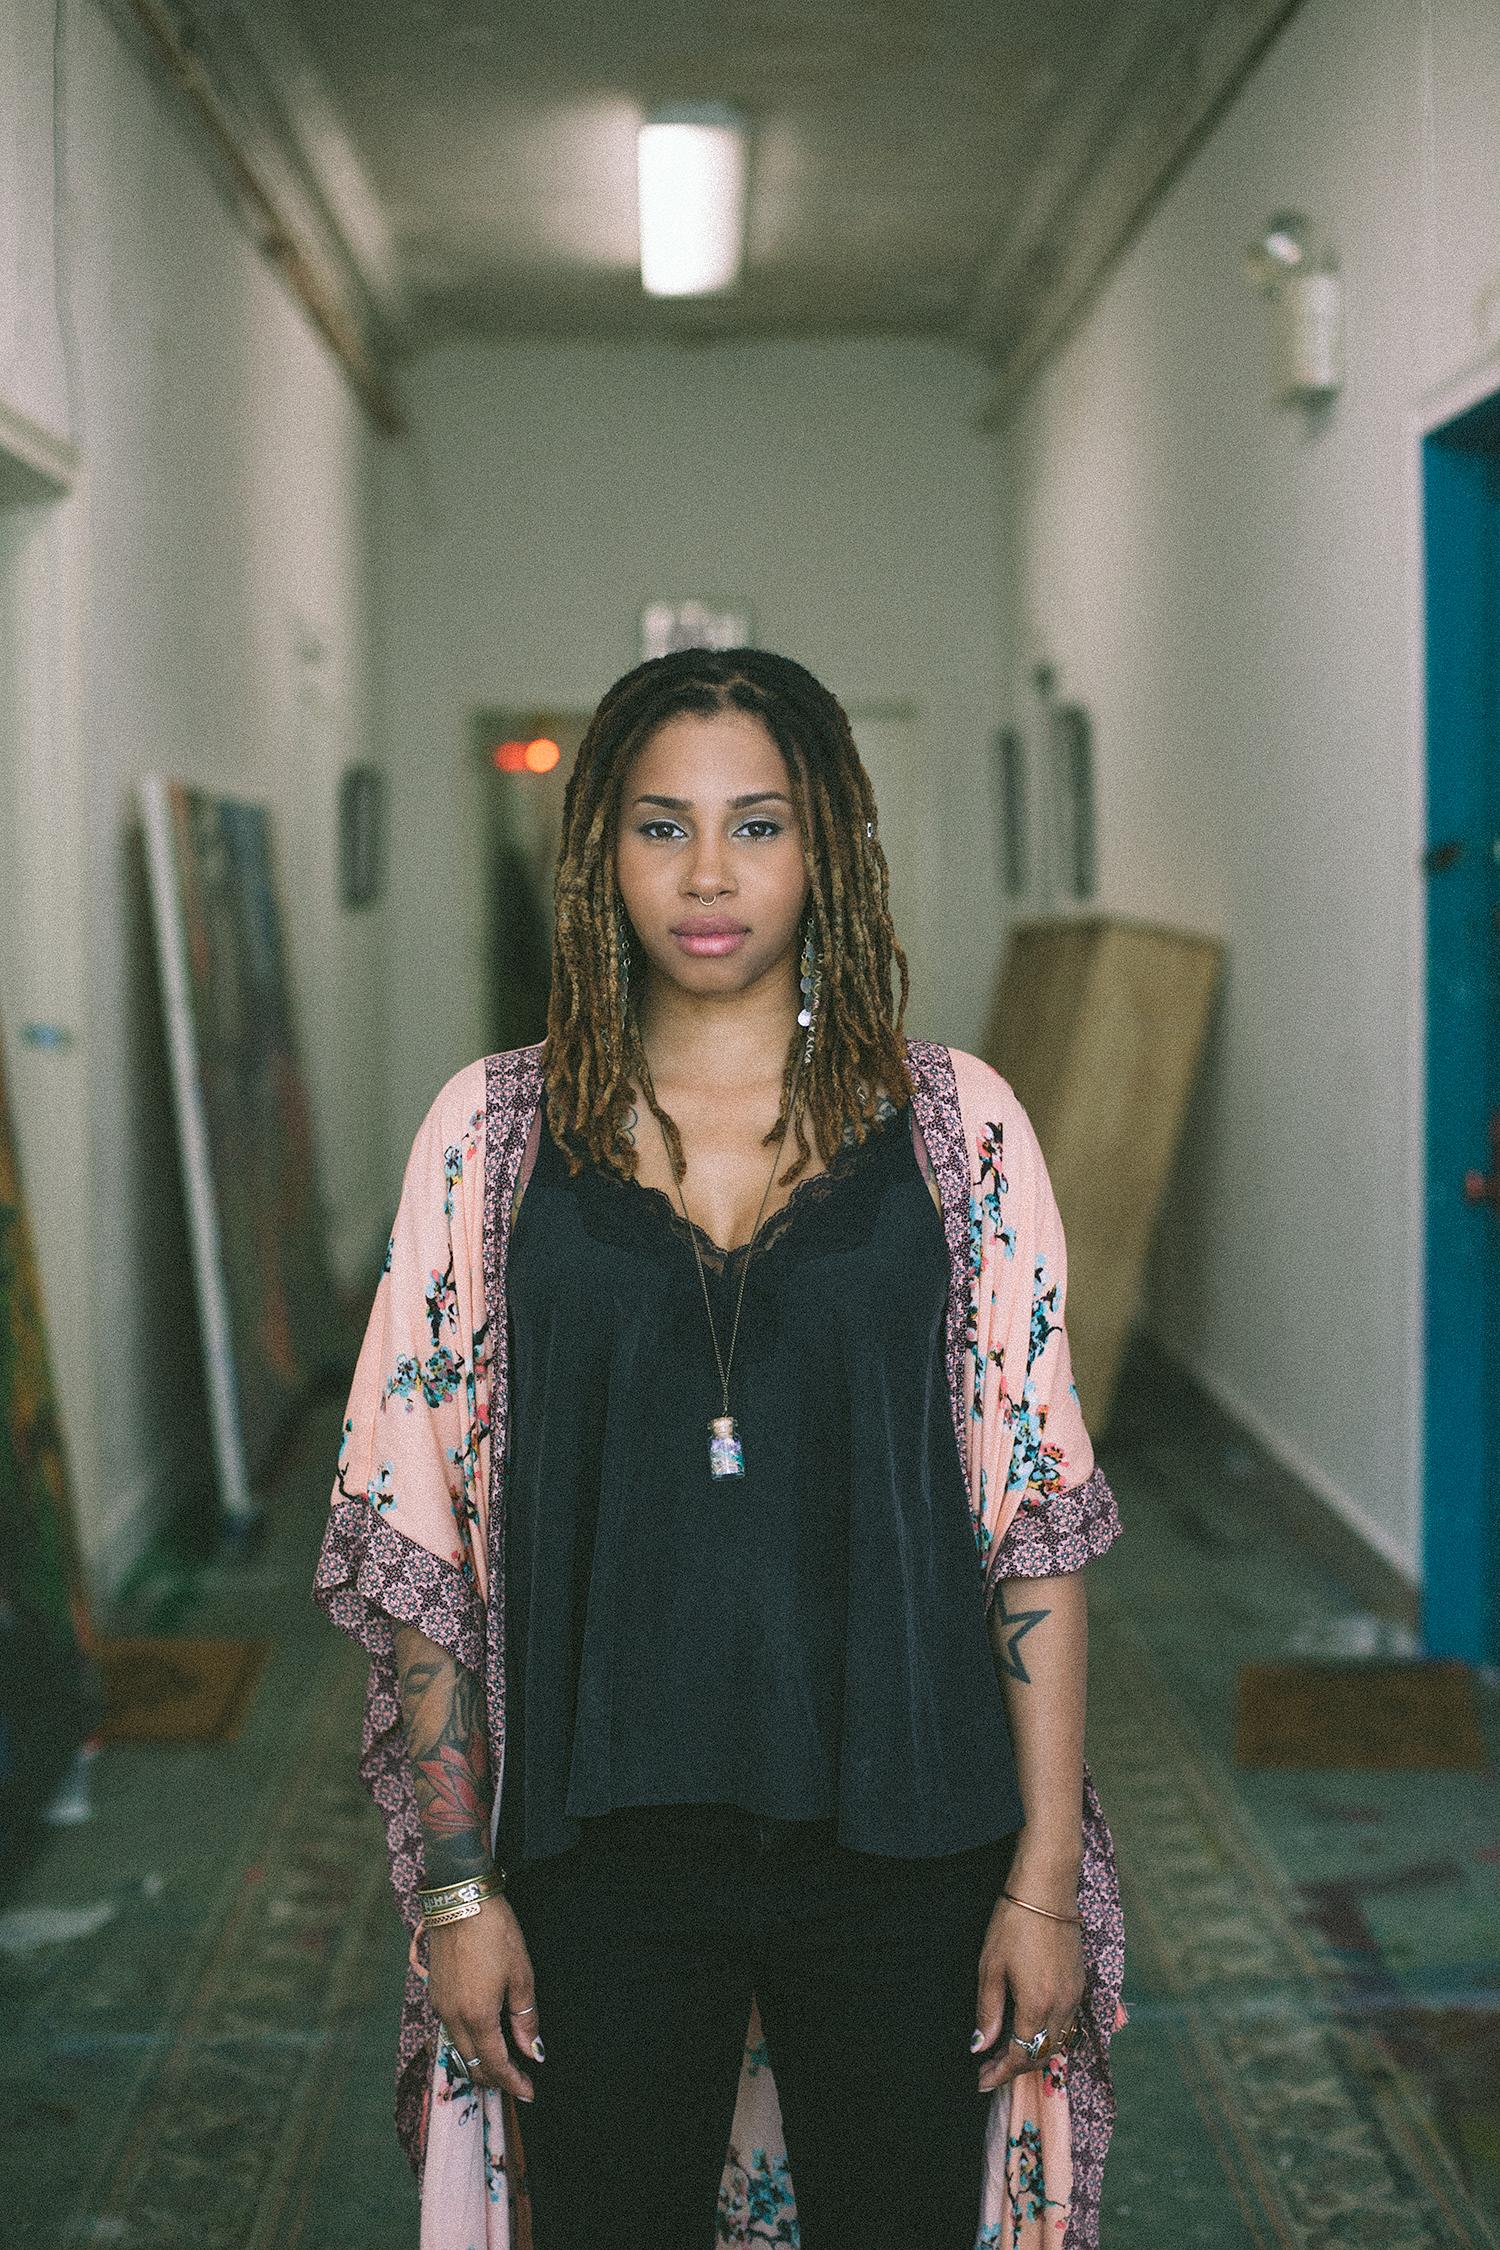 Fabiola Jean-Louis standing in a hallway.